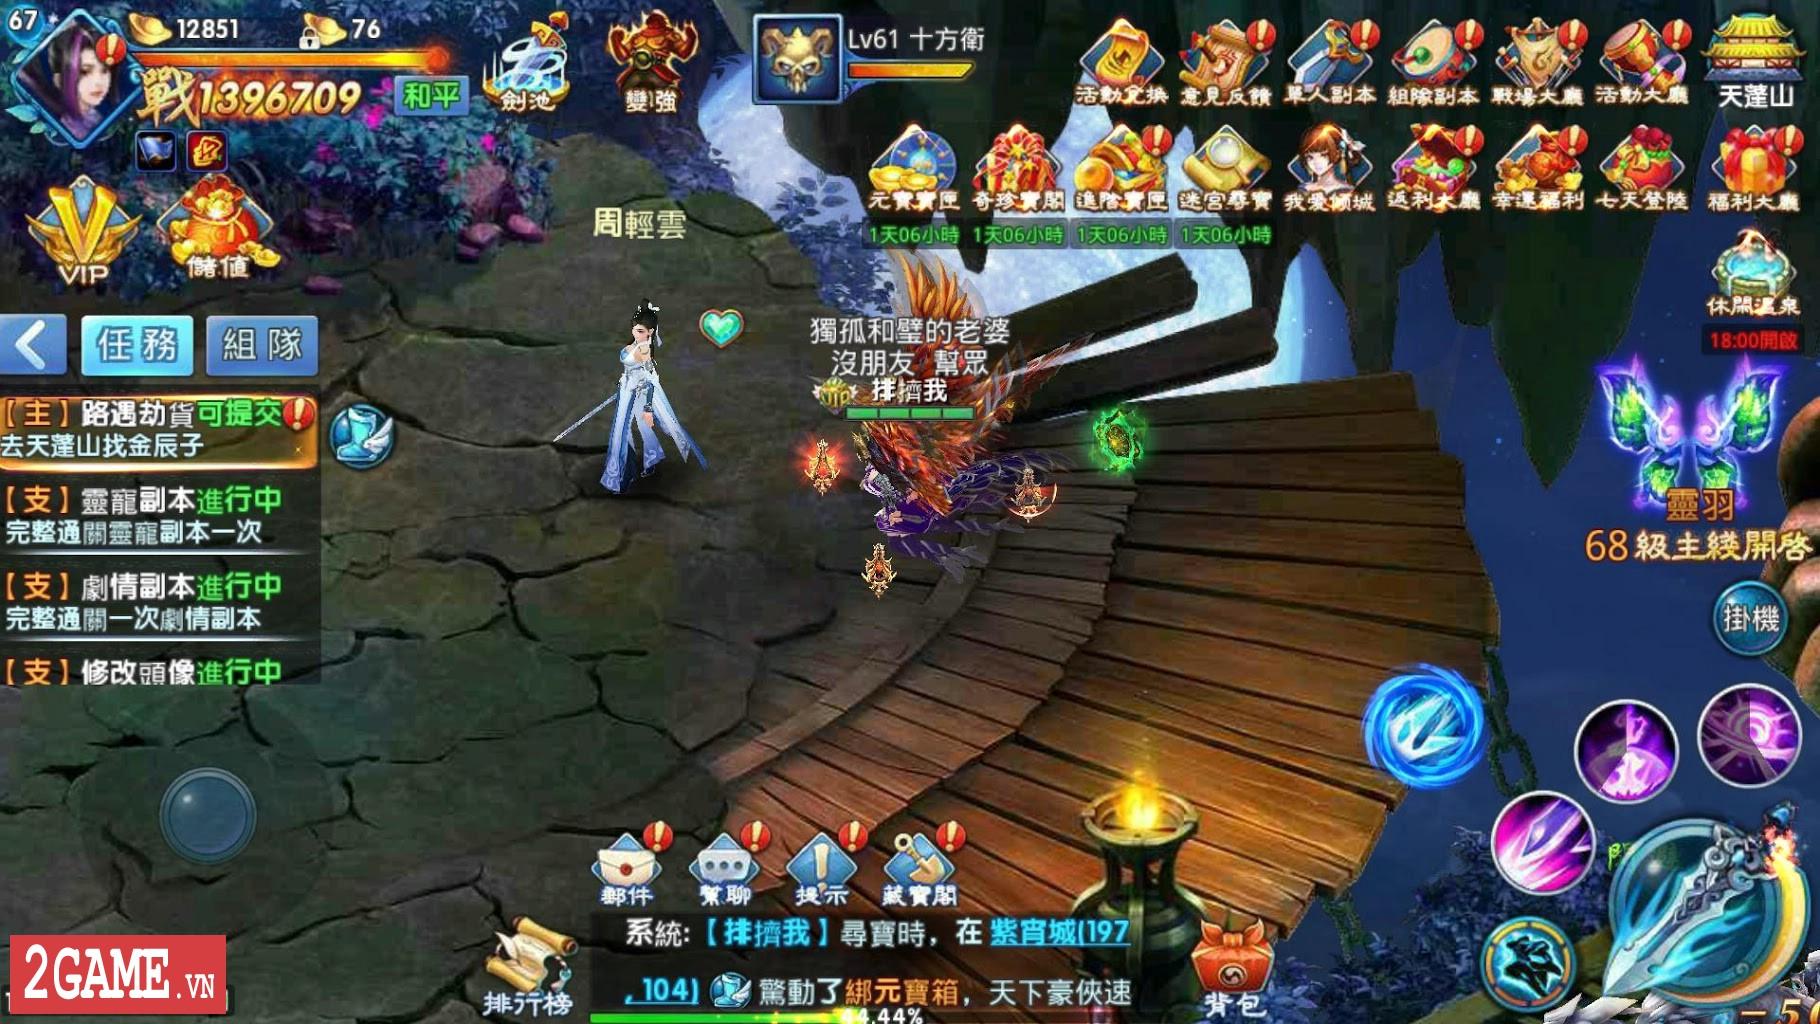 Tử Thanh Song Kiếm Mobile - Thêm một game nhập vai kiếm hiệp xuất xưởng từ VTC Mobile 0